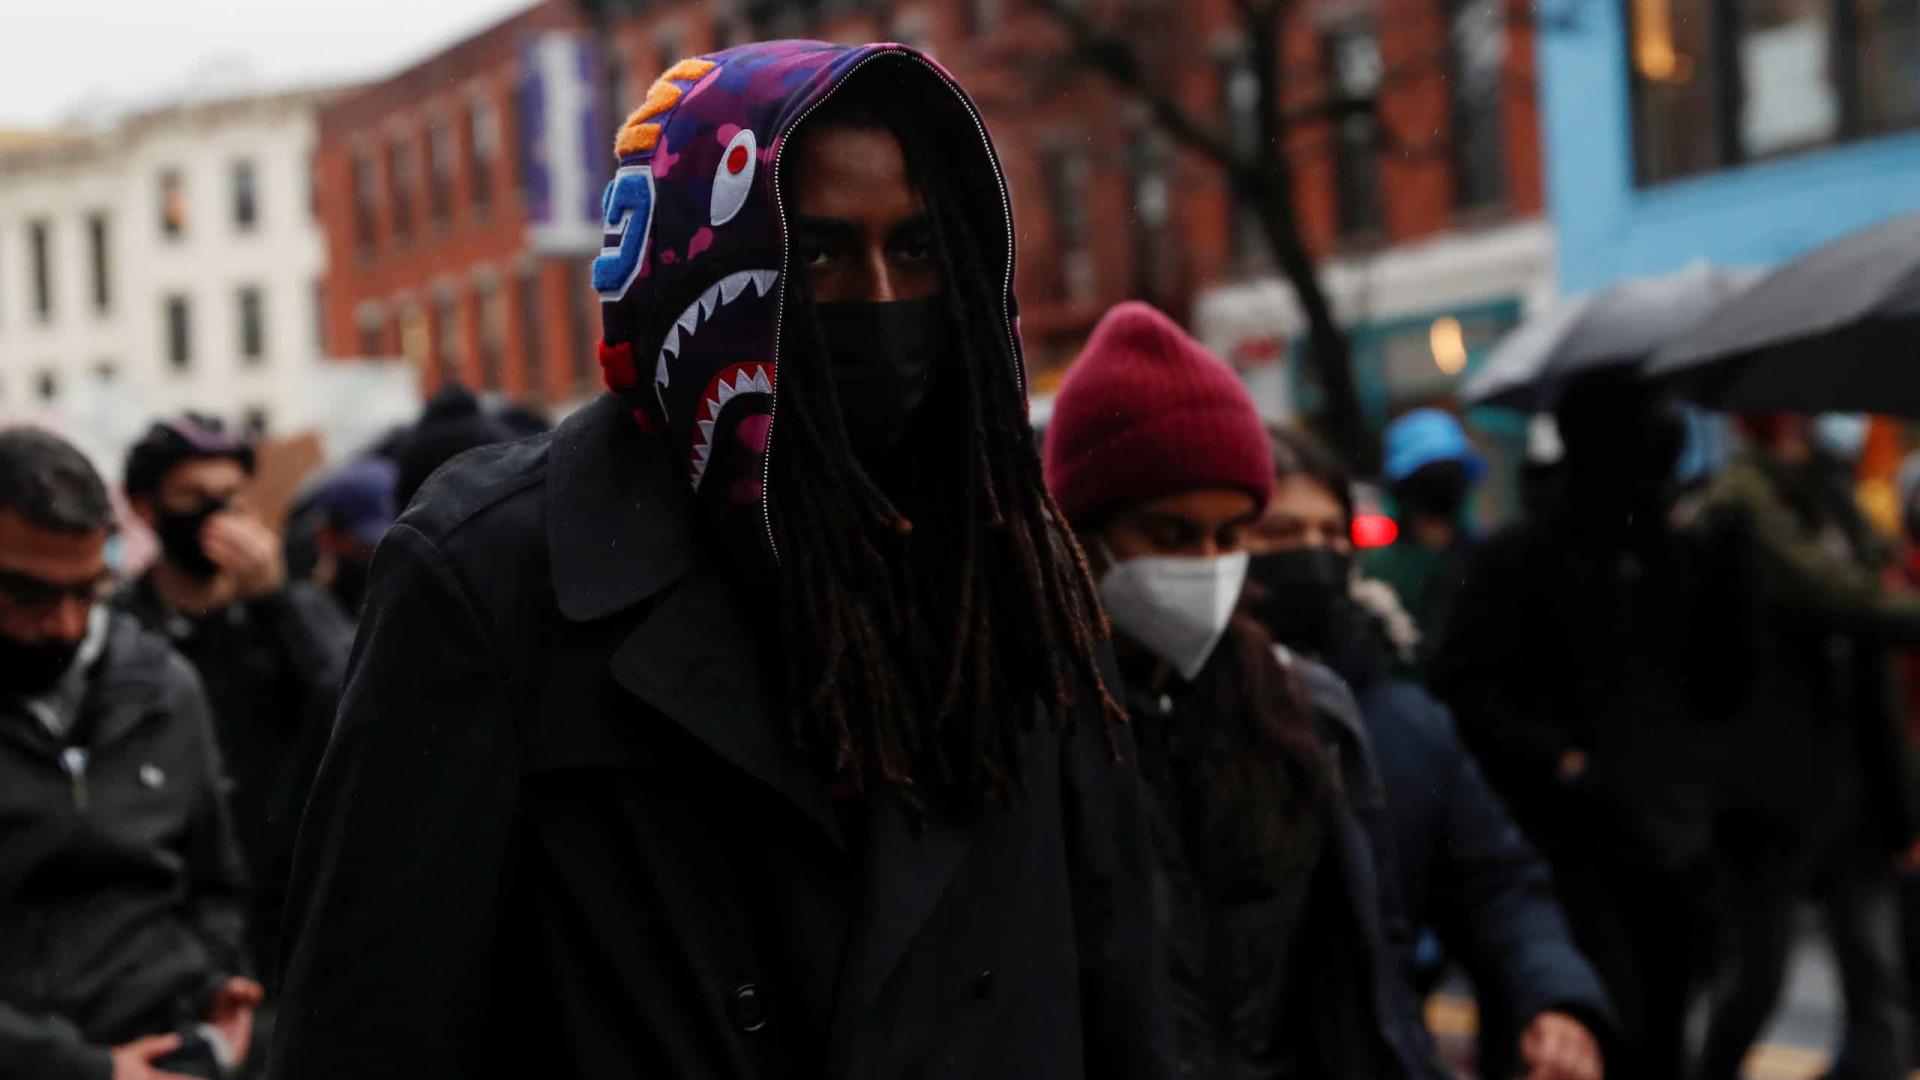 Manifestantes desafiam recolher obrigatório após morte de jovem negro